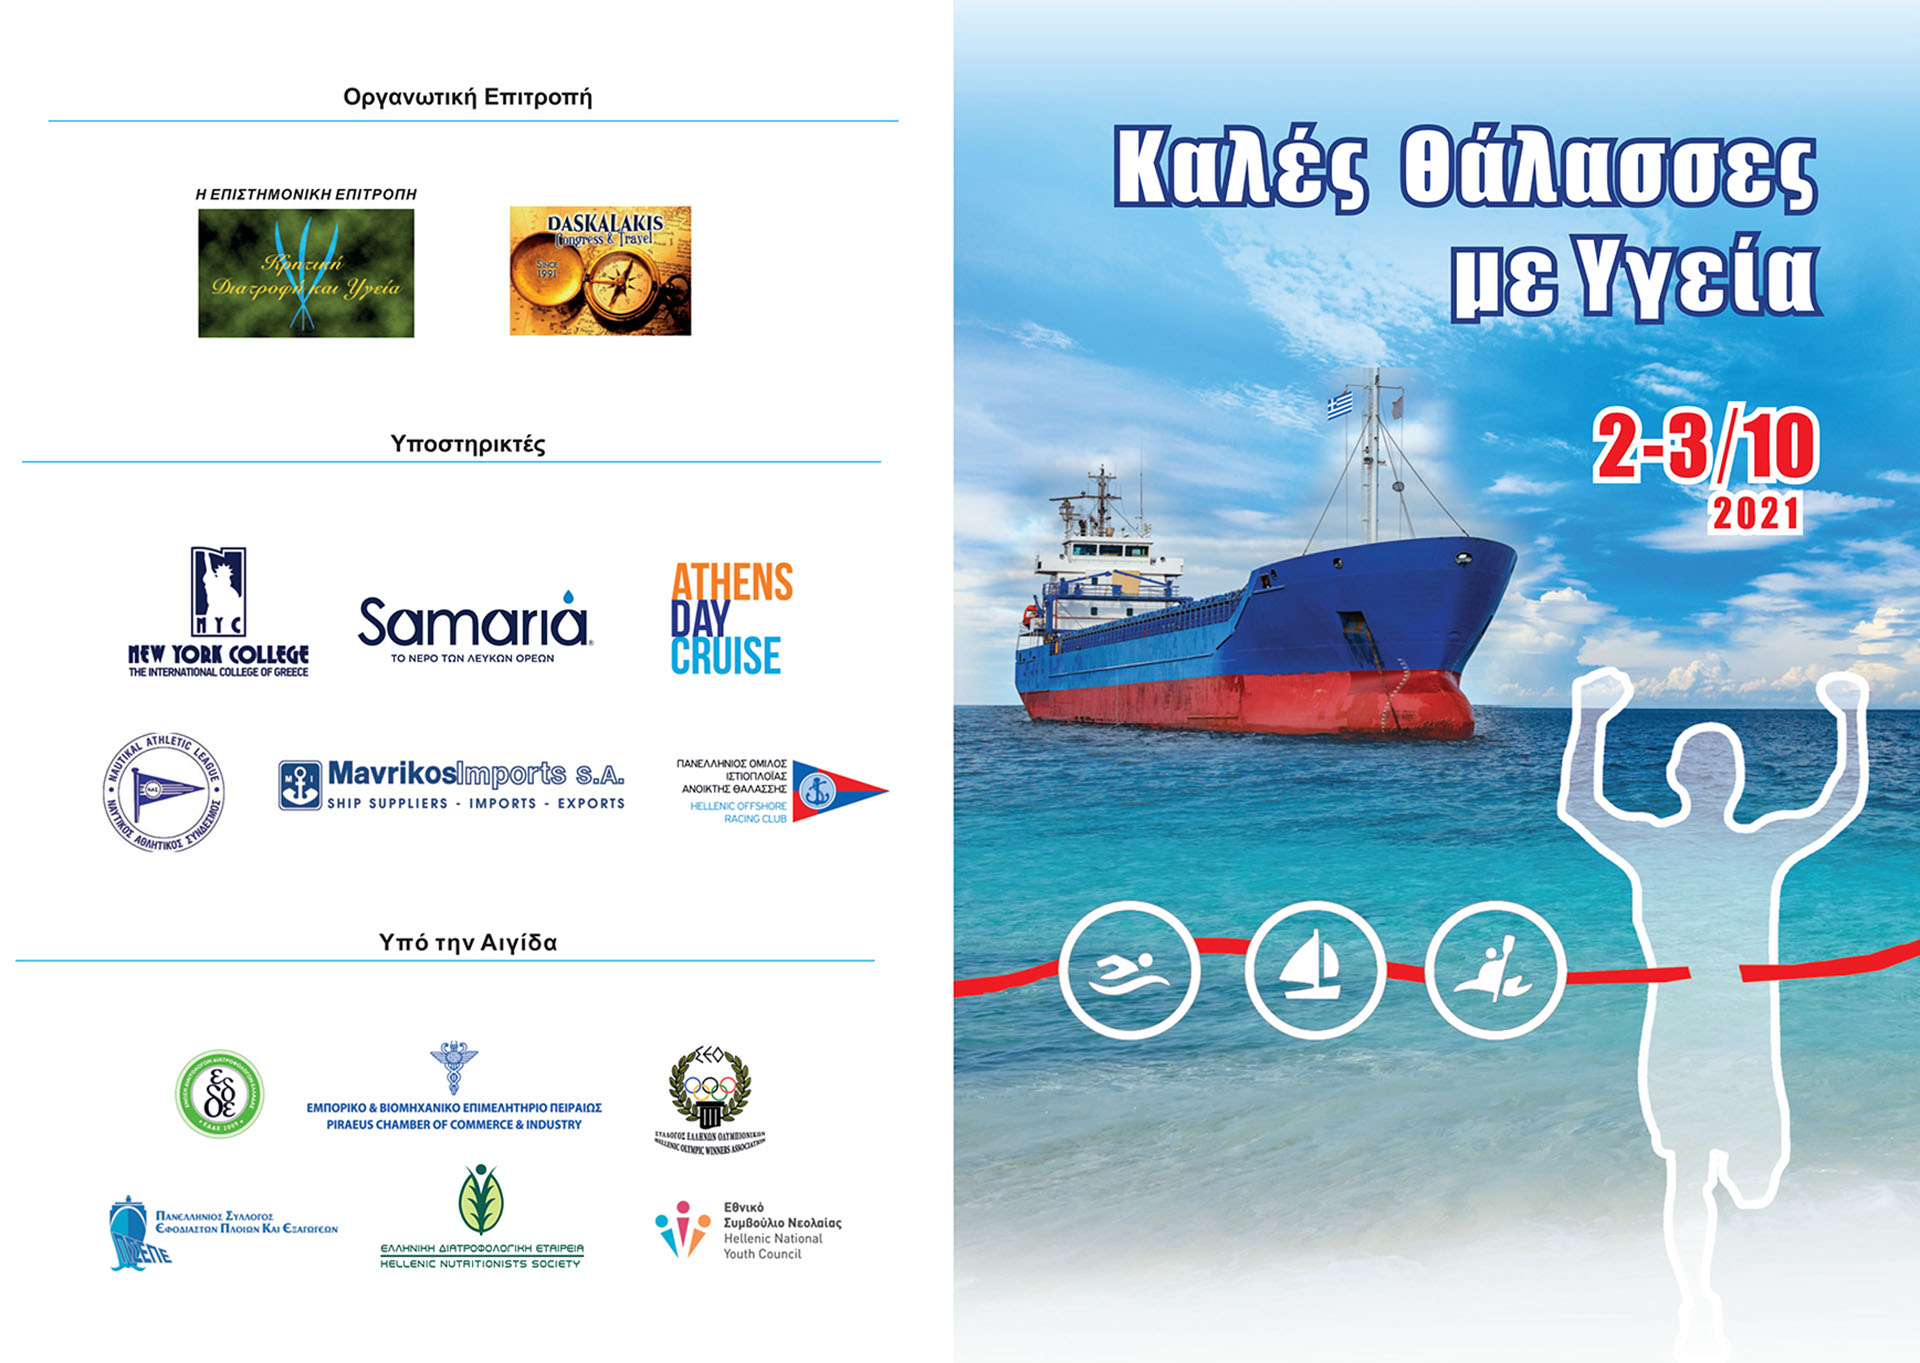 """Εκδήλωση με θέμα: """"Καλές Θάλασσες με υγεία"""", 2-3/10/2021."""